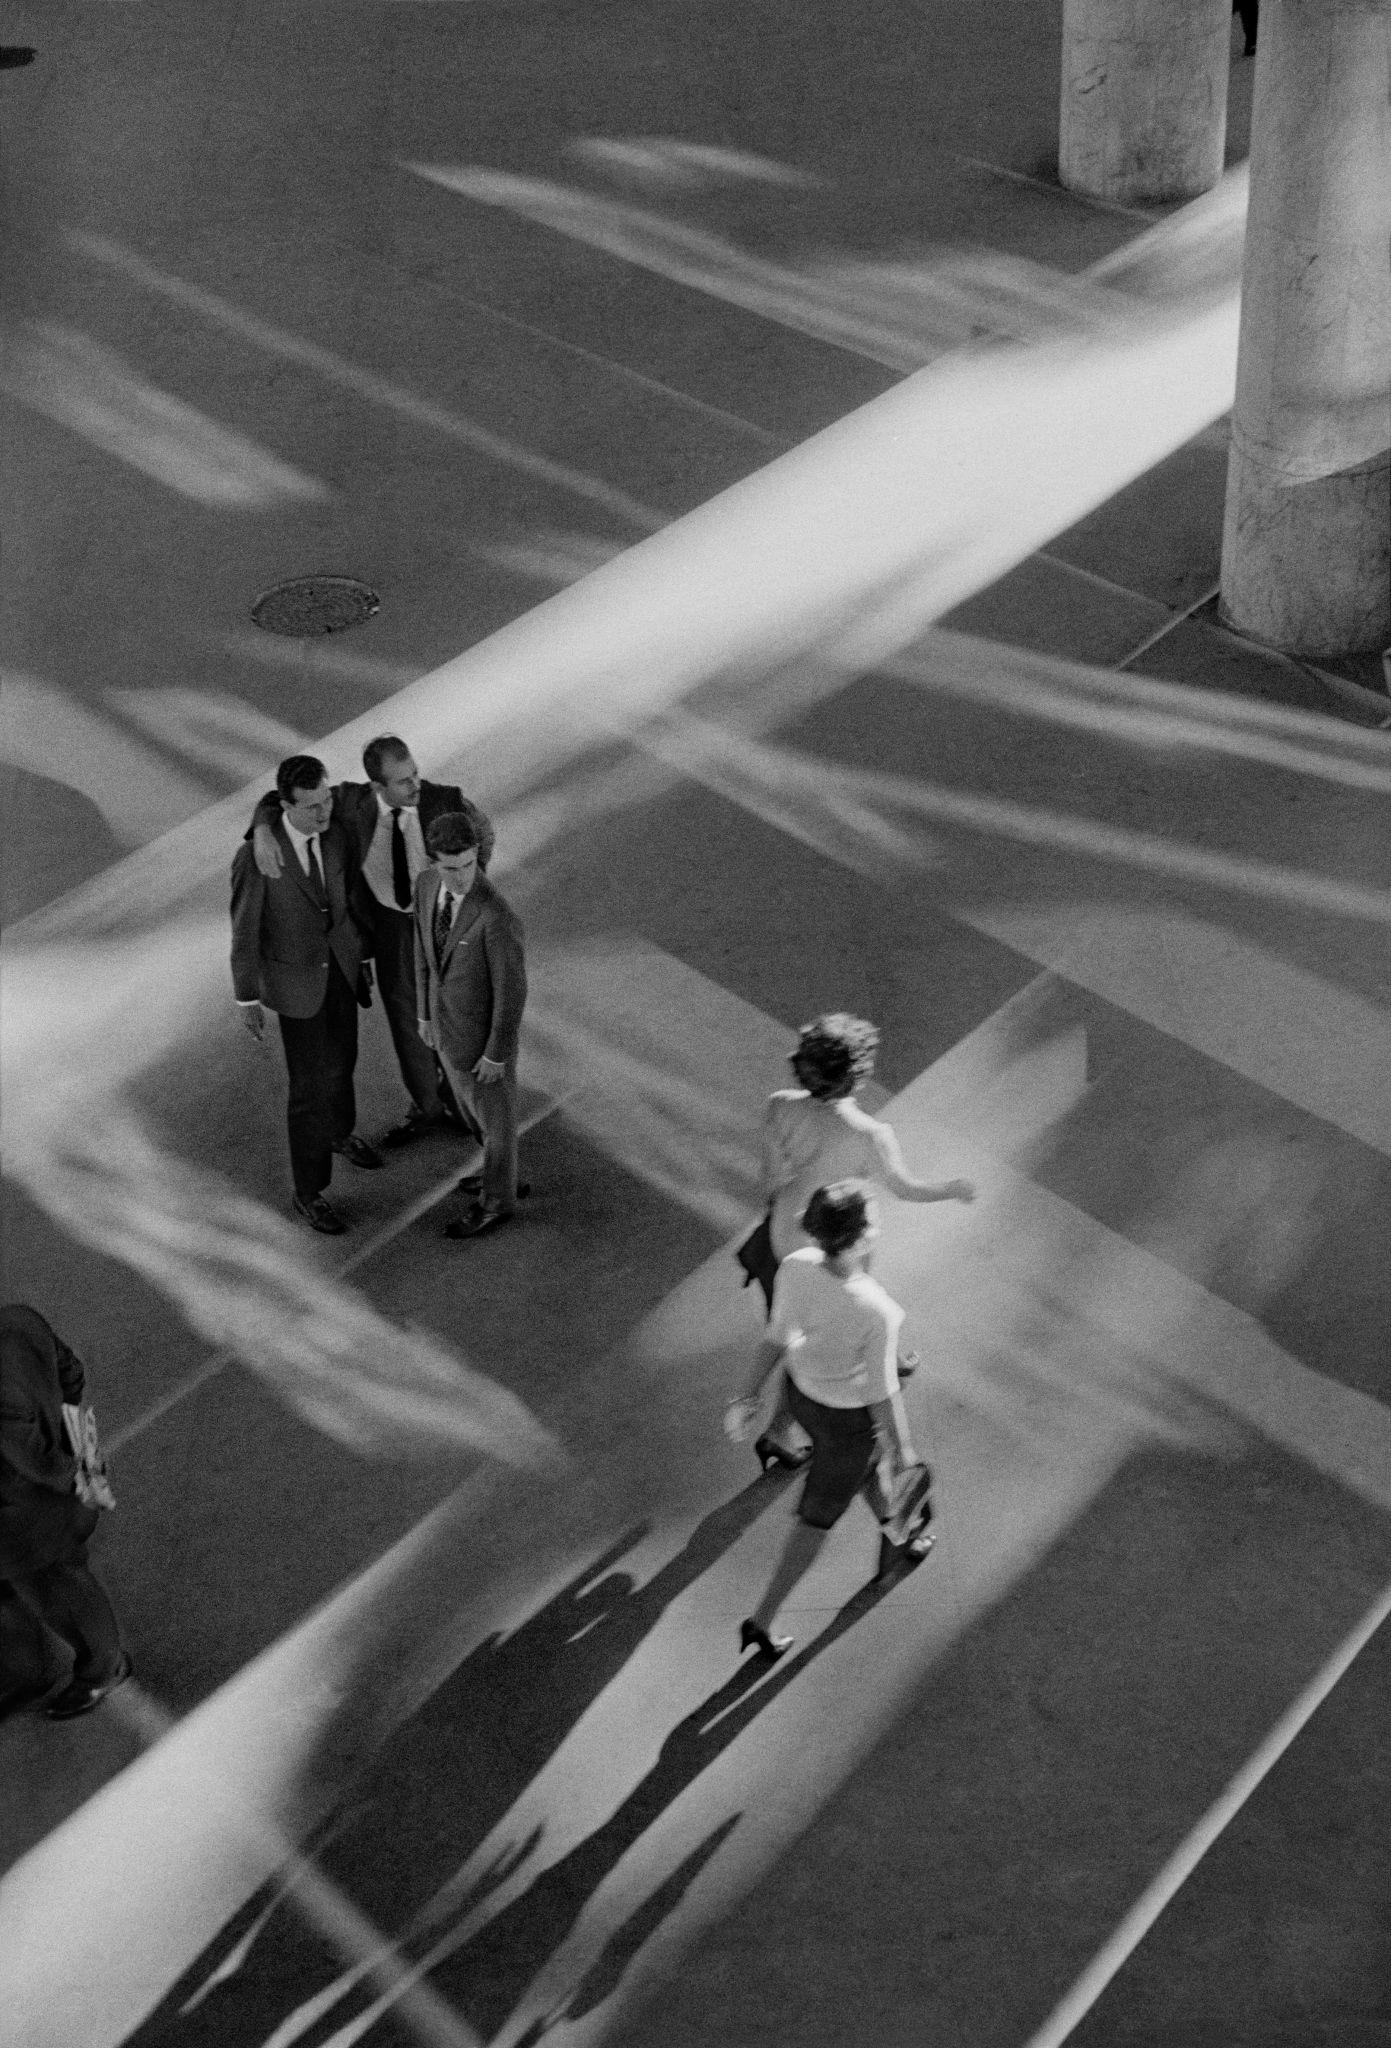 René Burri, Ministério da Educação e Cultura, Rio de Janeiro,1960. © Rene Burri / Magnum Photos / Latinstock